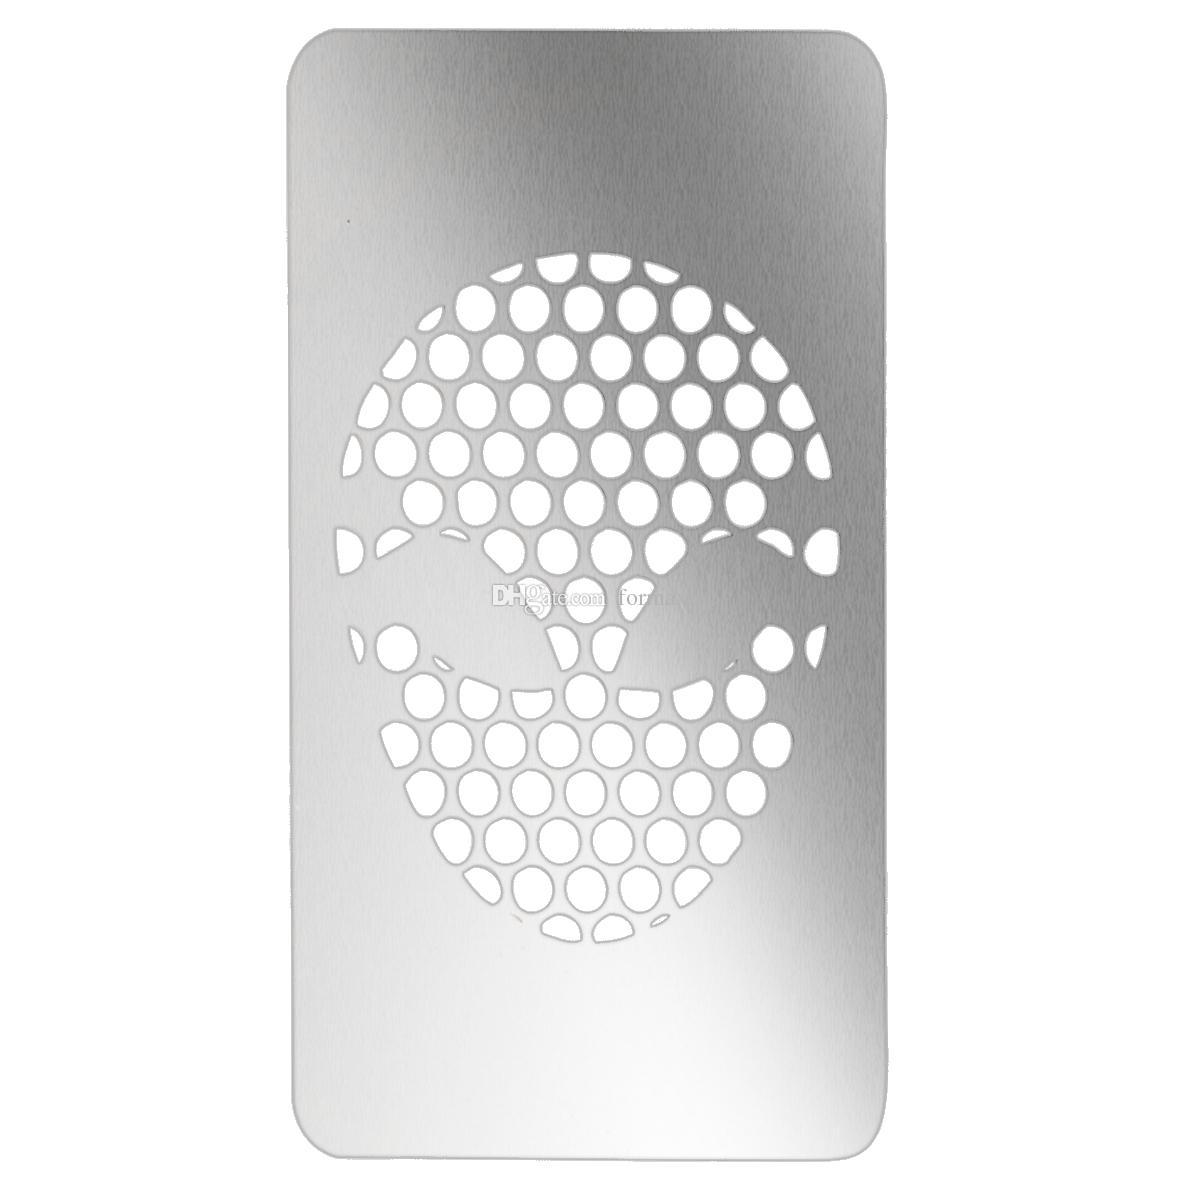 3.35 Zoll X 2 Zoll Karte Grinder ET Design Silber Herb Grinder Kostenloser Versand